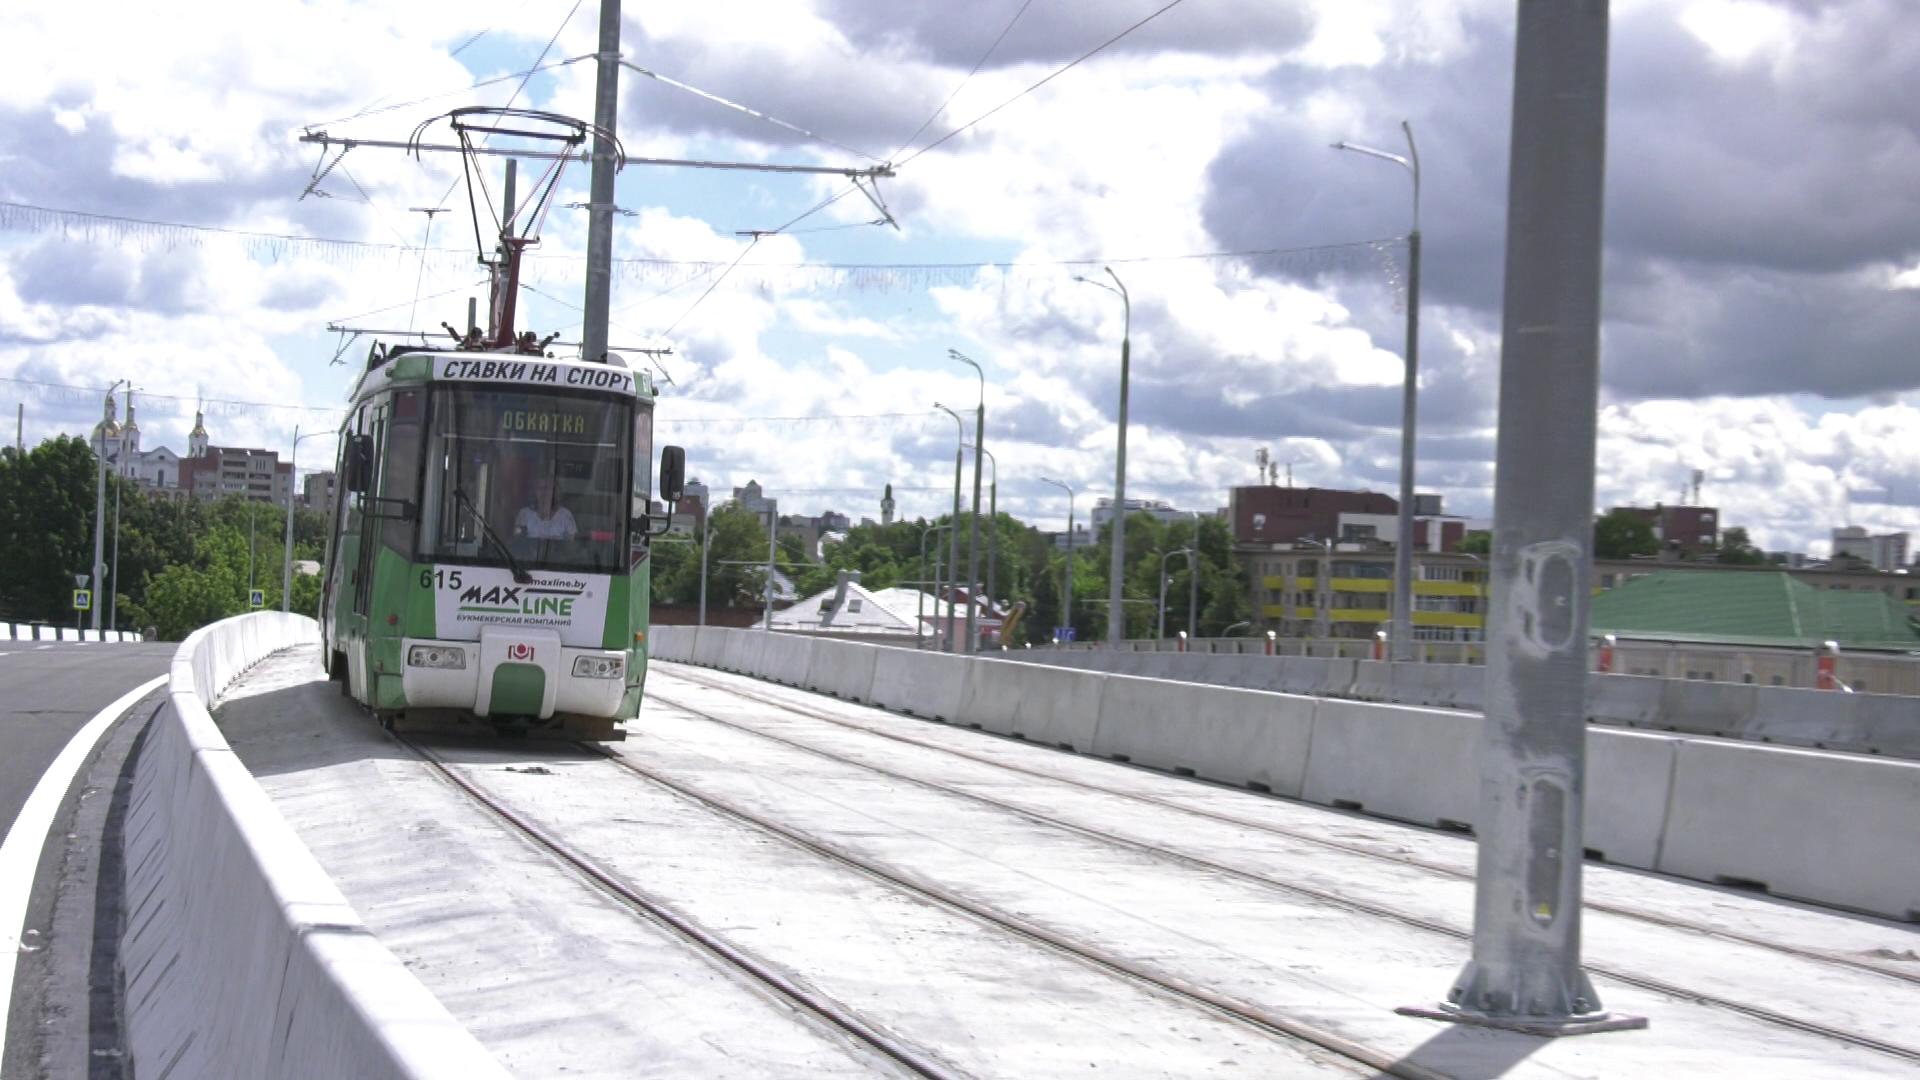 tramvaj po mostu - Полоцкий путепровод в Витебске готовят к открытию (видео)